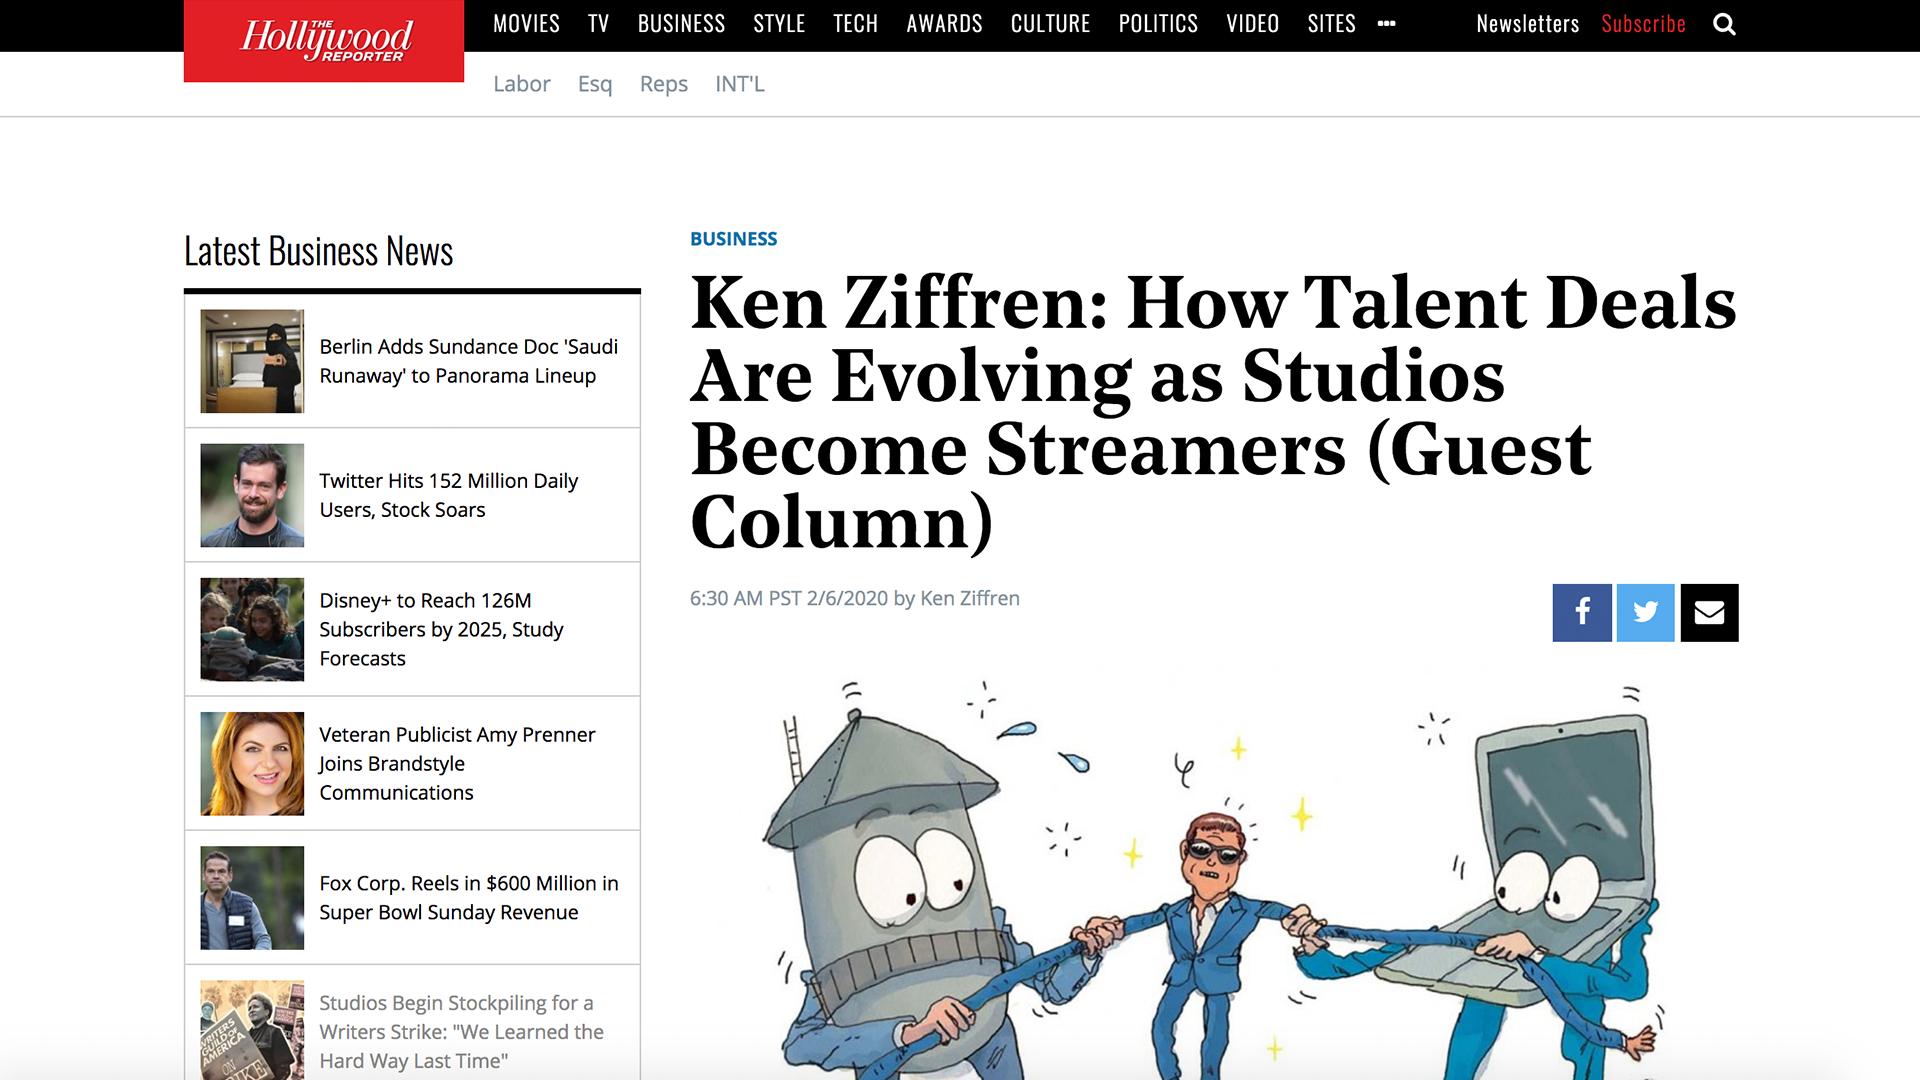 Fairness Rocks News Ken Ziffren: How Talent Deals Are Evolving as Studios Become Streamers (Guest Column)